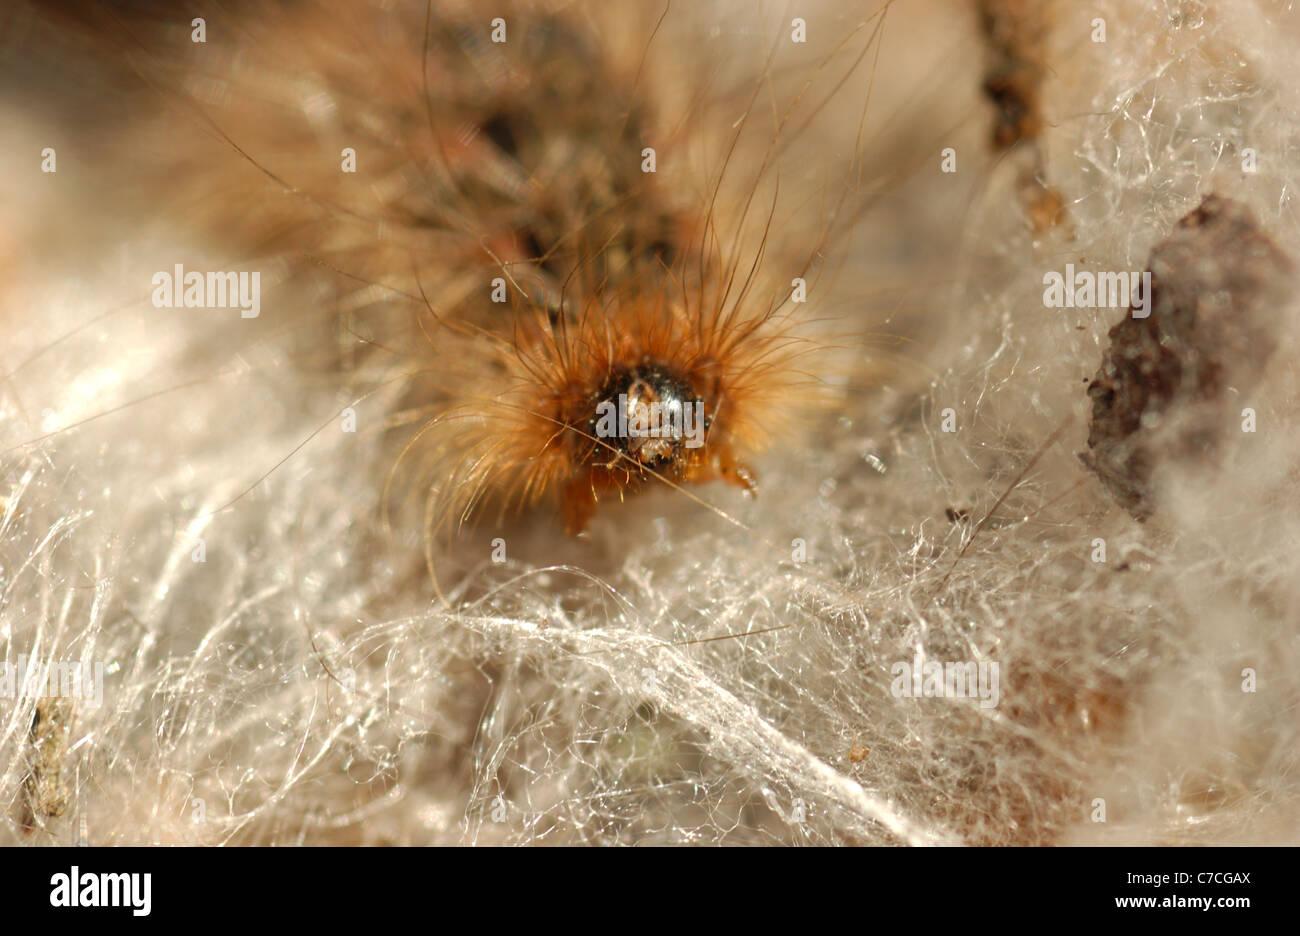 Un Spilosoma caterpillar est sombre et velue. Les poils sont bruns uniformément sur tout le corps. Photo Stock